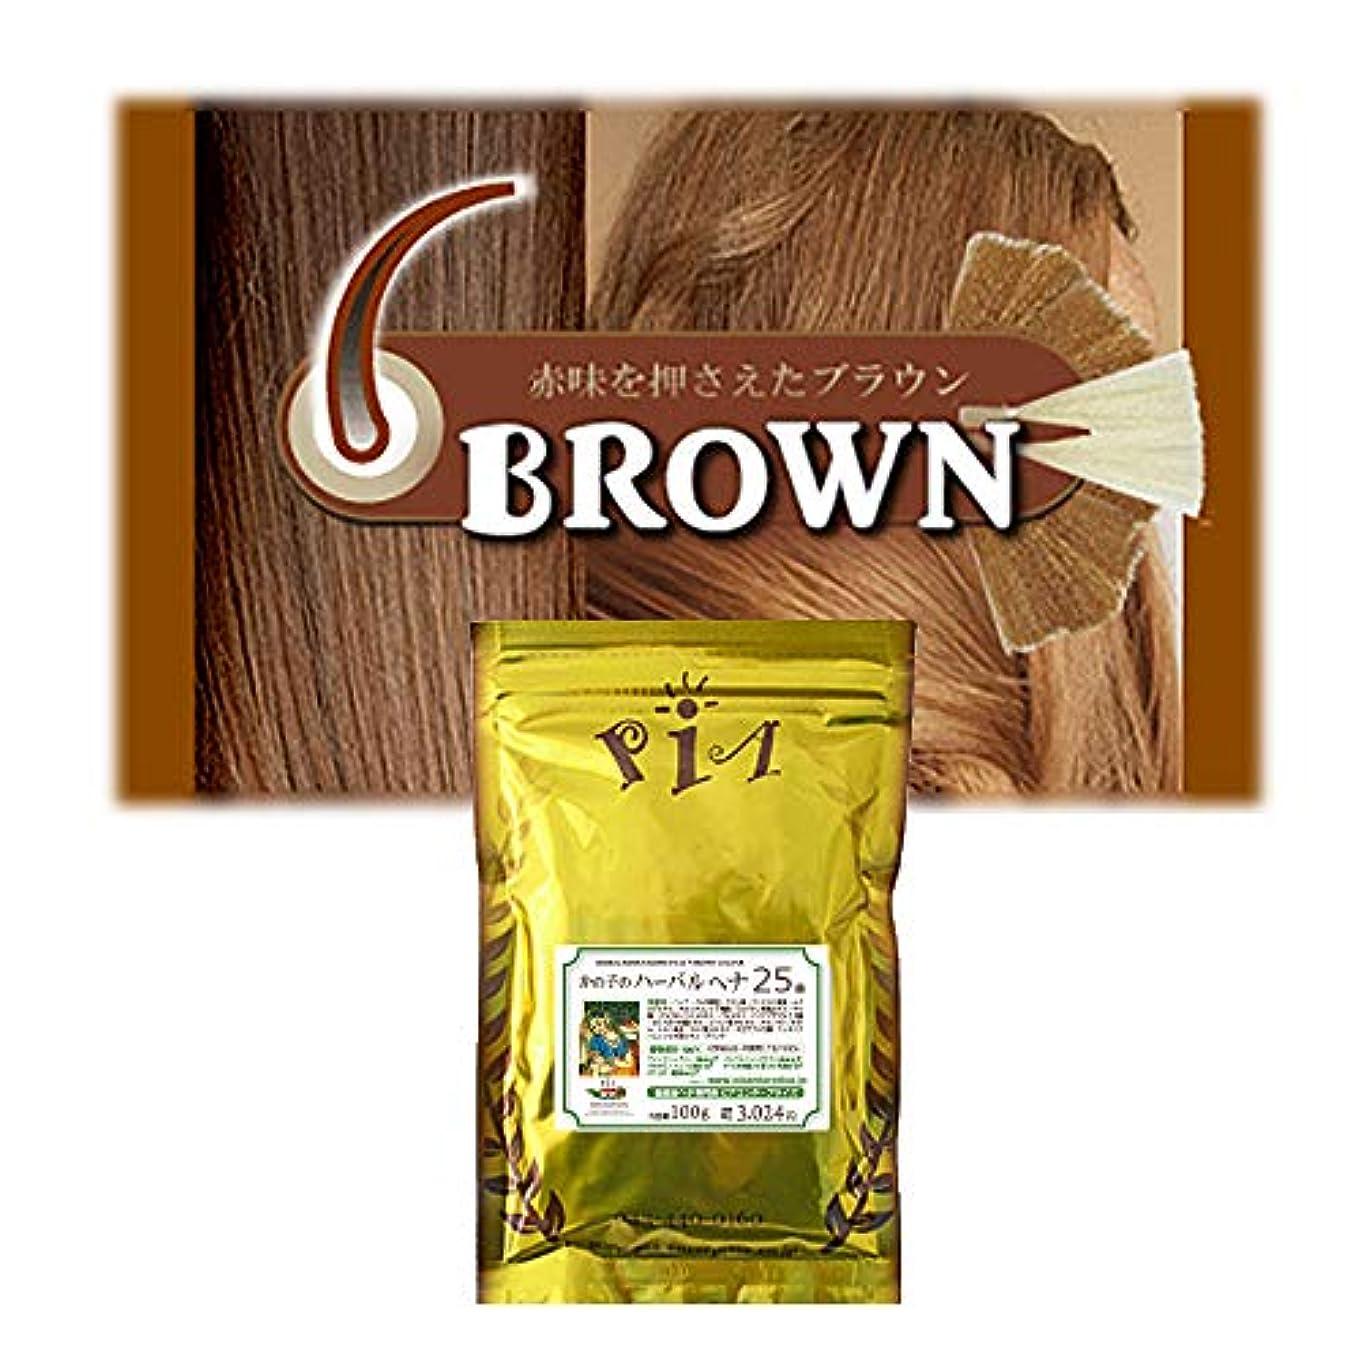 ホーン対抗覆す【ヘナ】 かの子のハーバルヘナ25番 (色:ブラウン|Brown )単品|ハケブラシはついておりません。